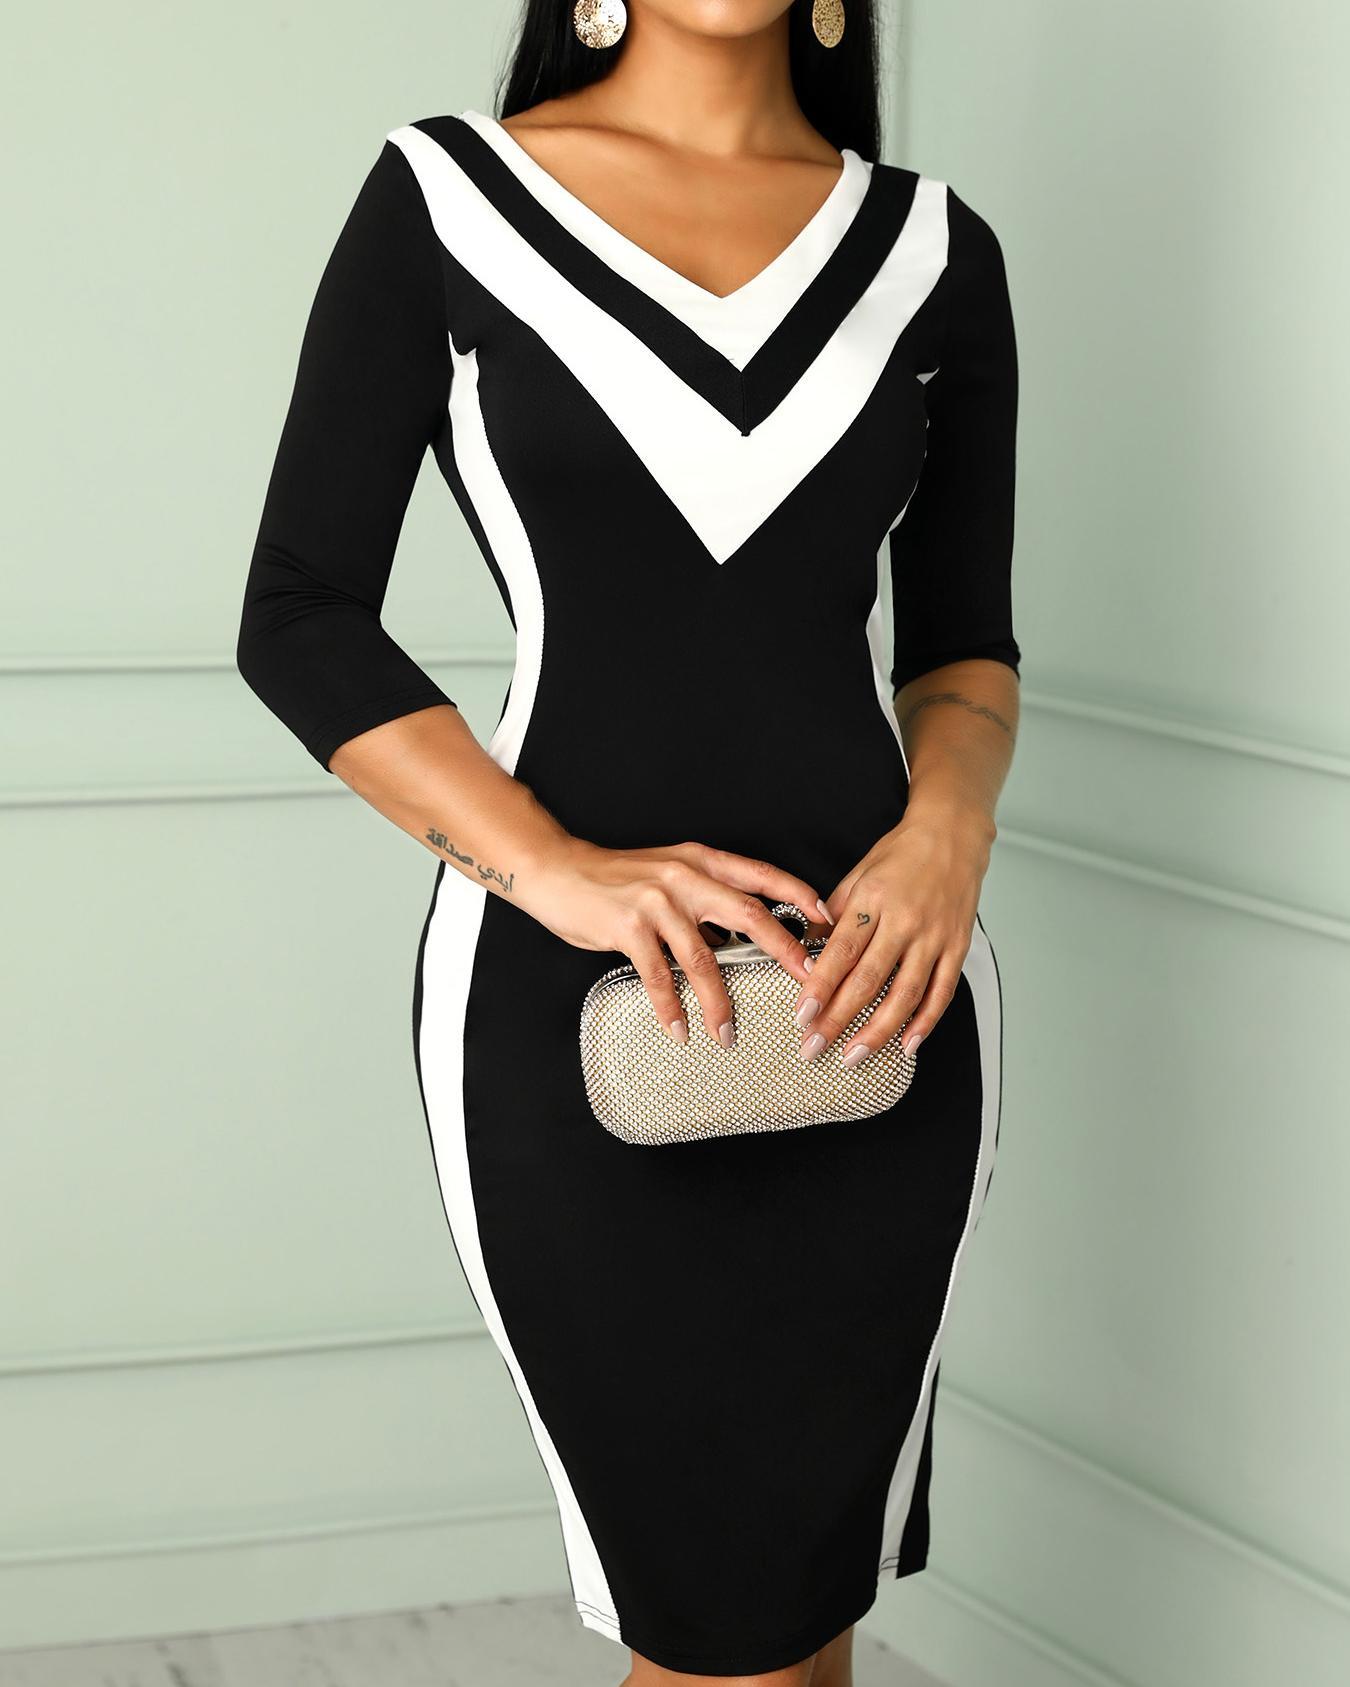 boutiquefeel / Vestido ajustado con cinta a rayas de color en contraste